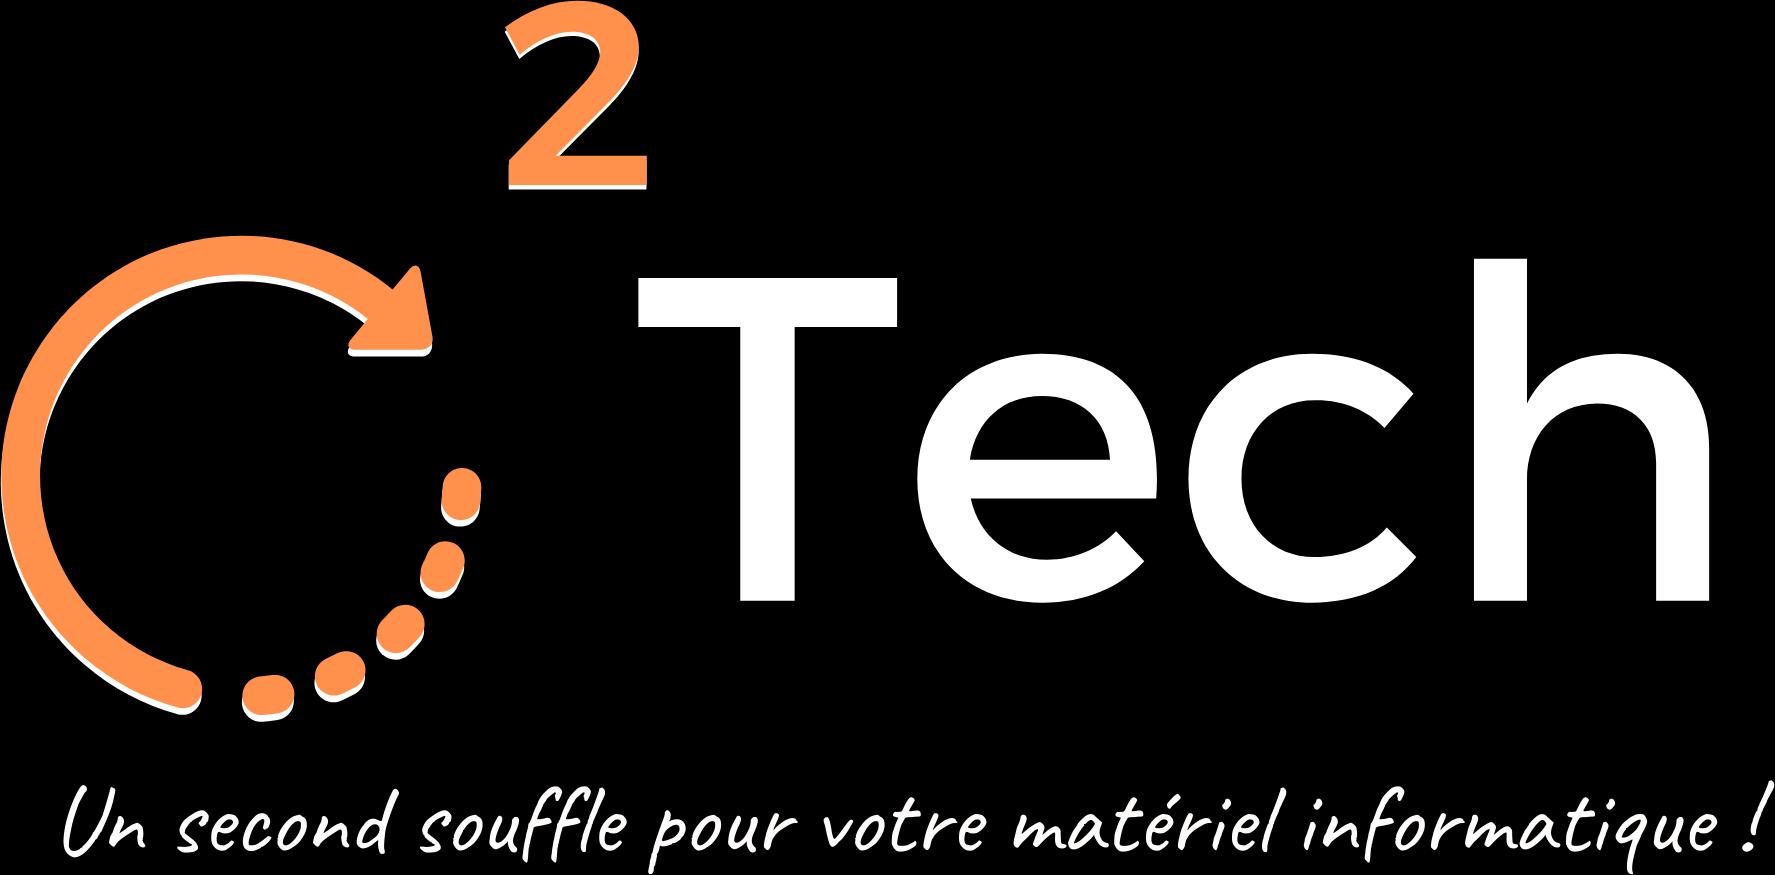 o2tech